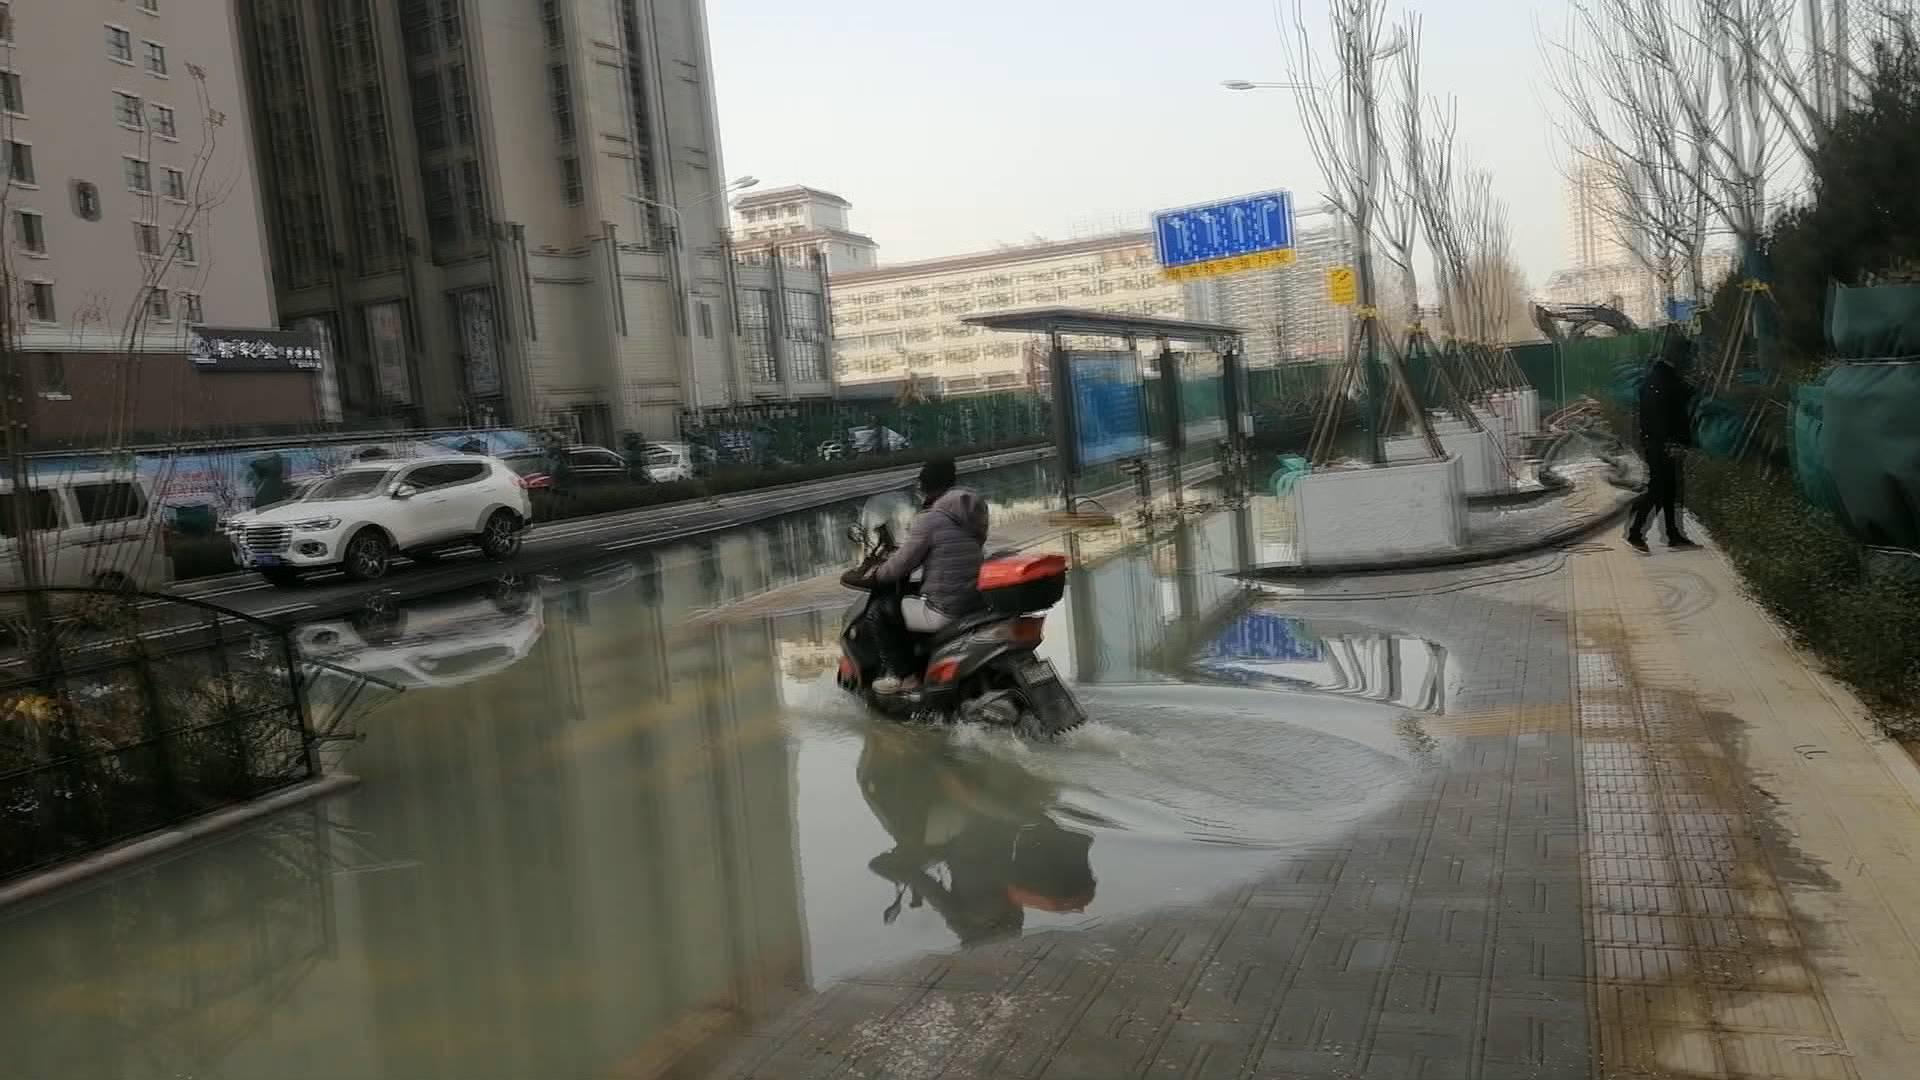 济南世茂天城北区污水覆盖半条街 疑似附近施工挖漏污水管